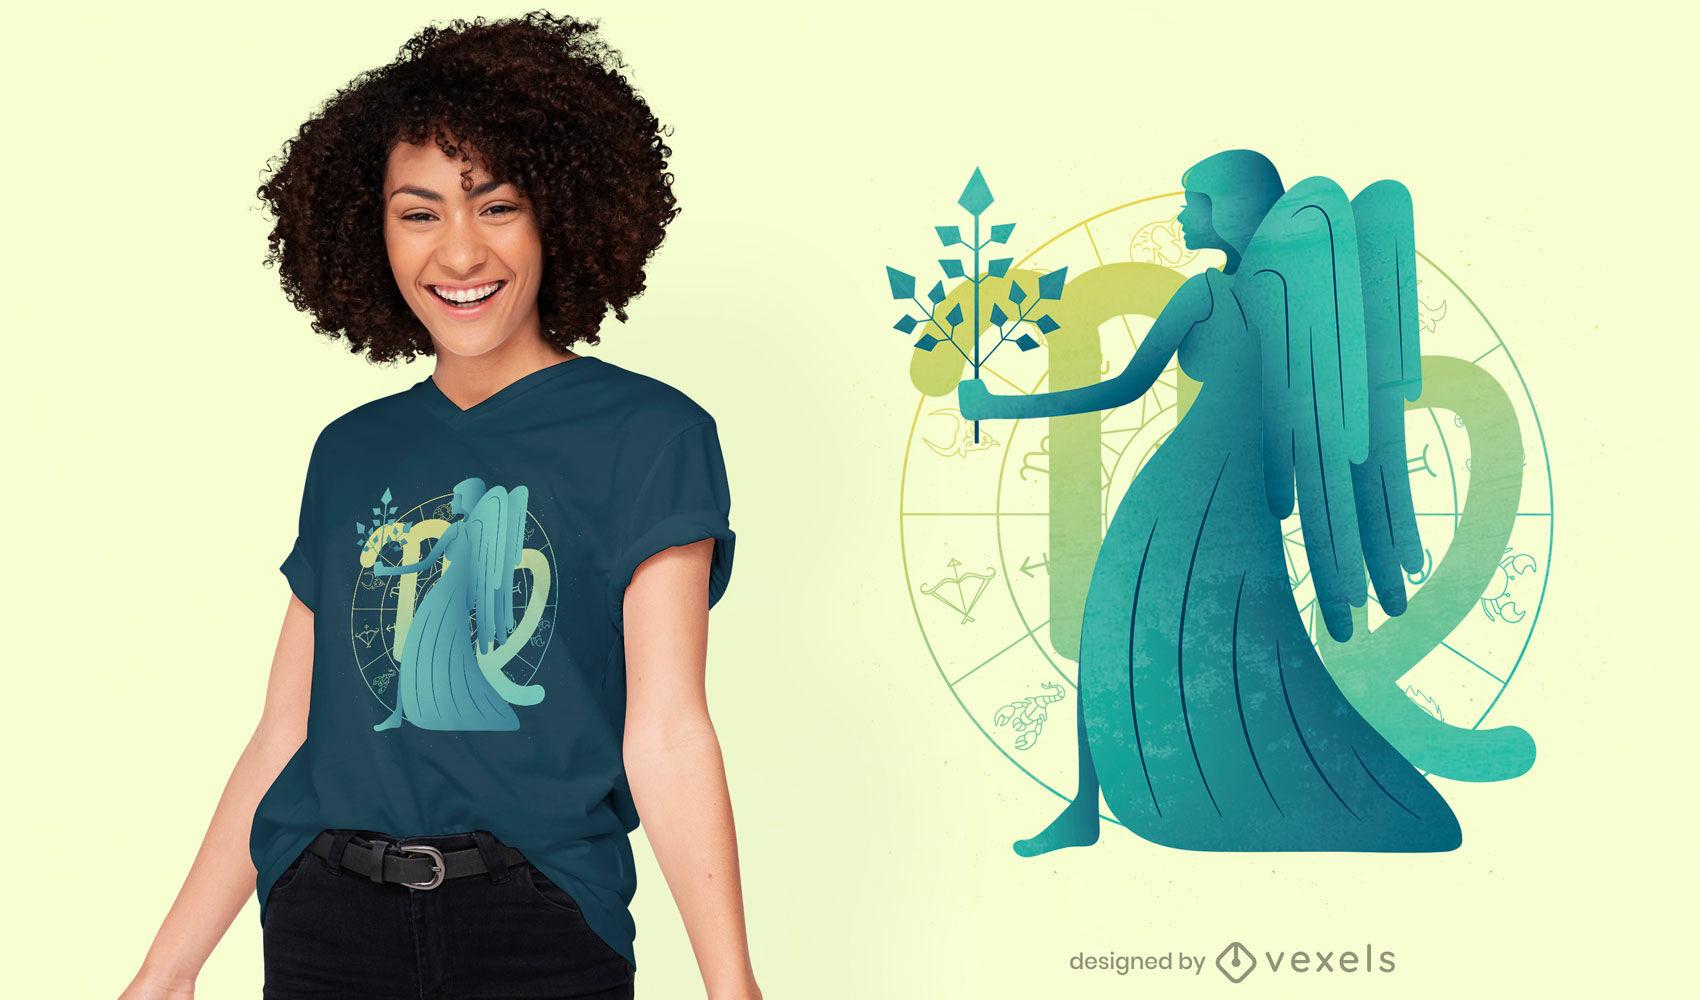 Design de camiseta com o signo do zodíaco de Virgem